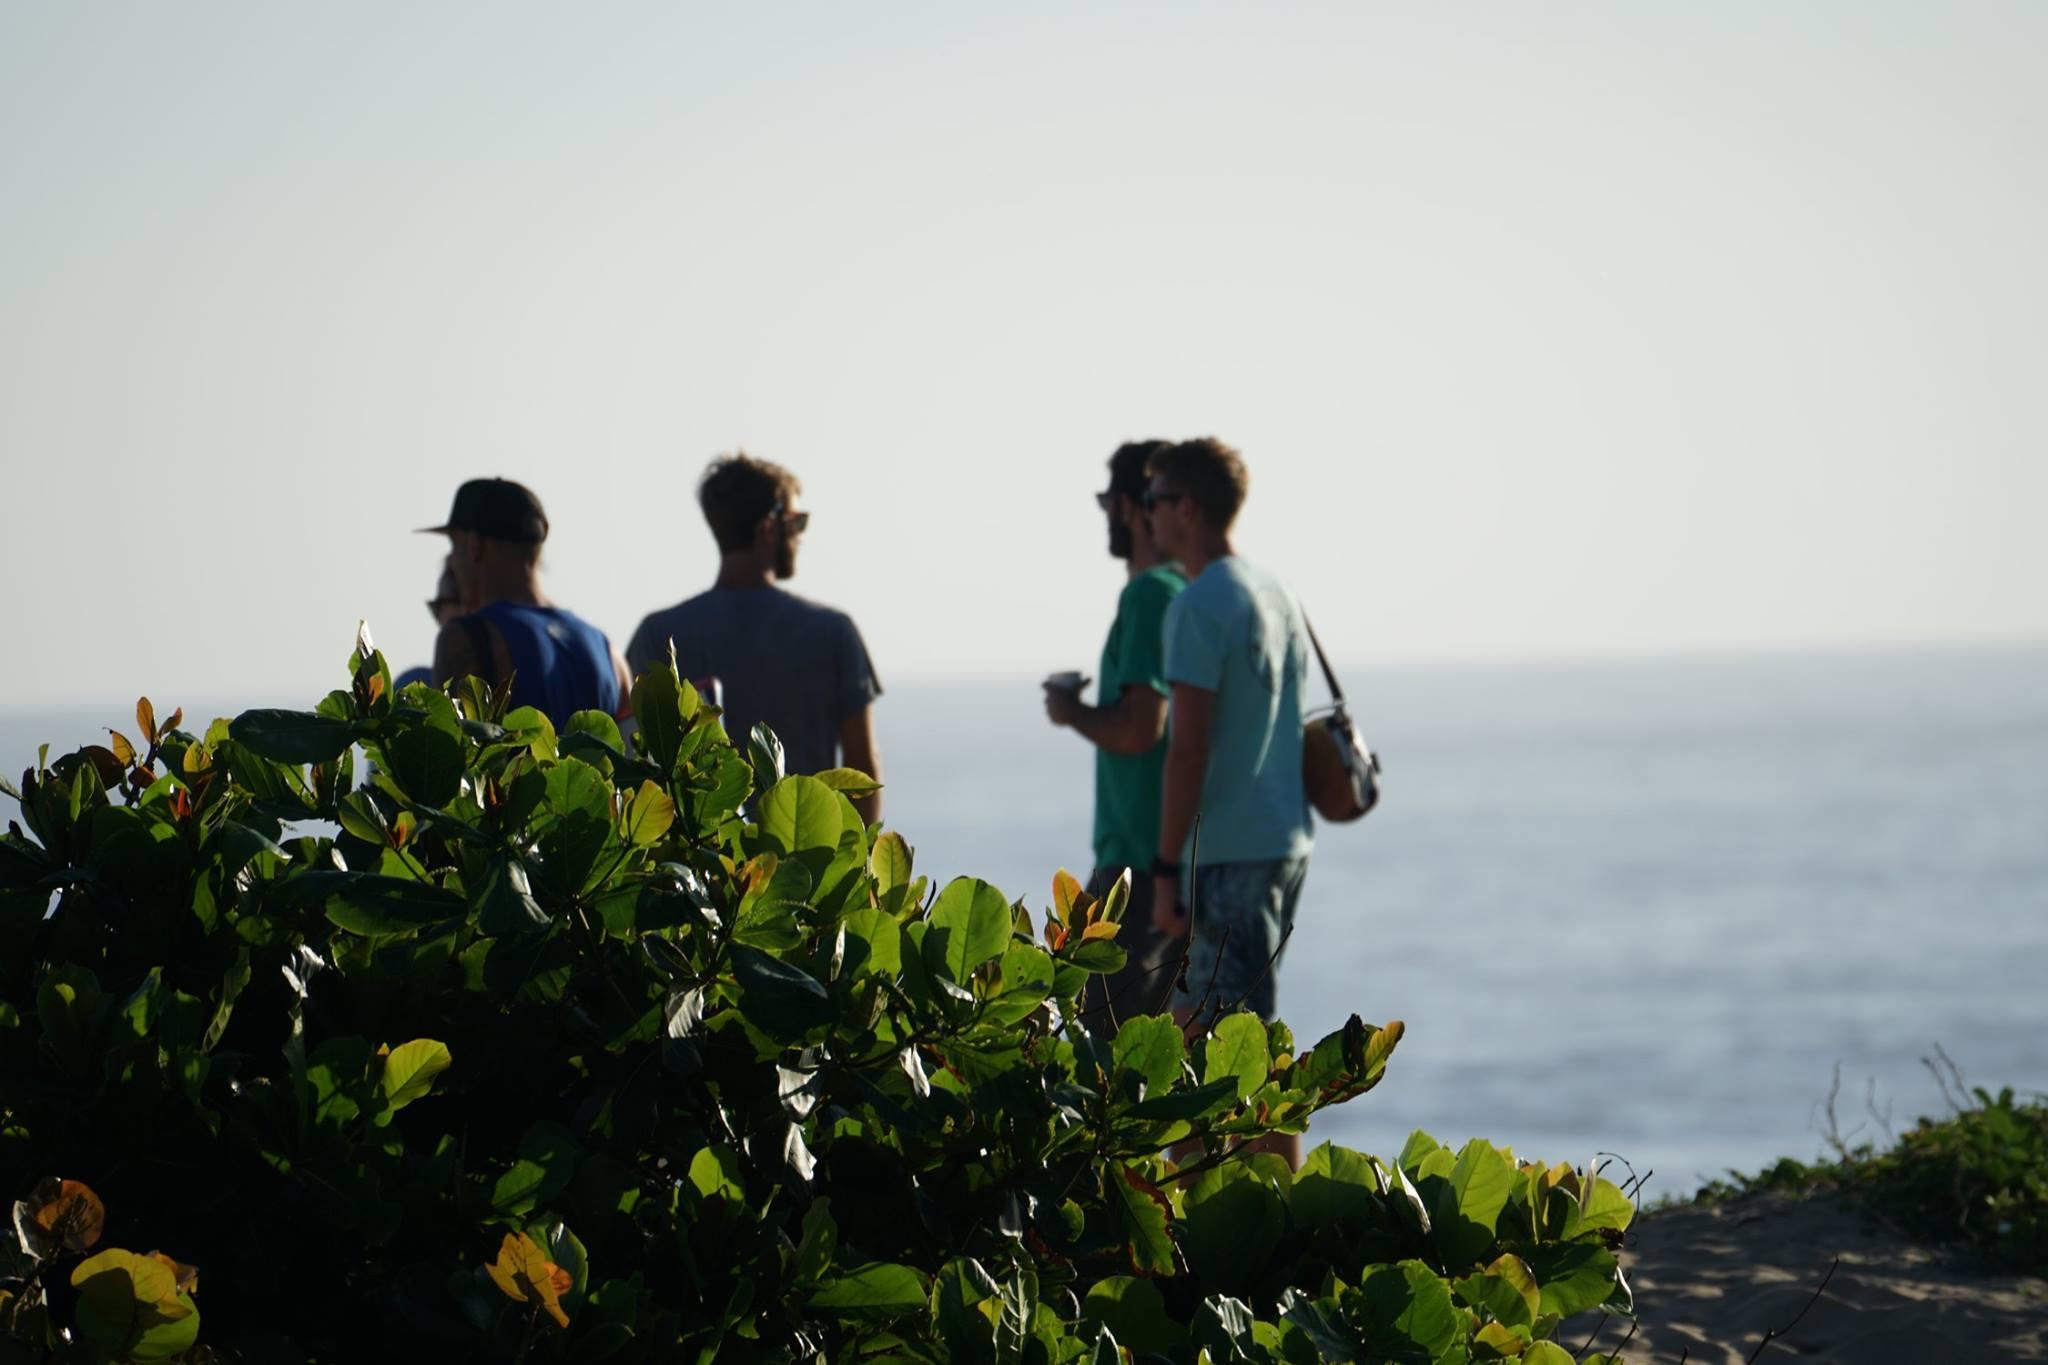 PUERTO RICO 19